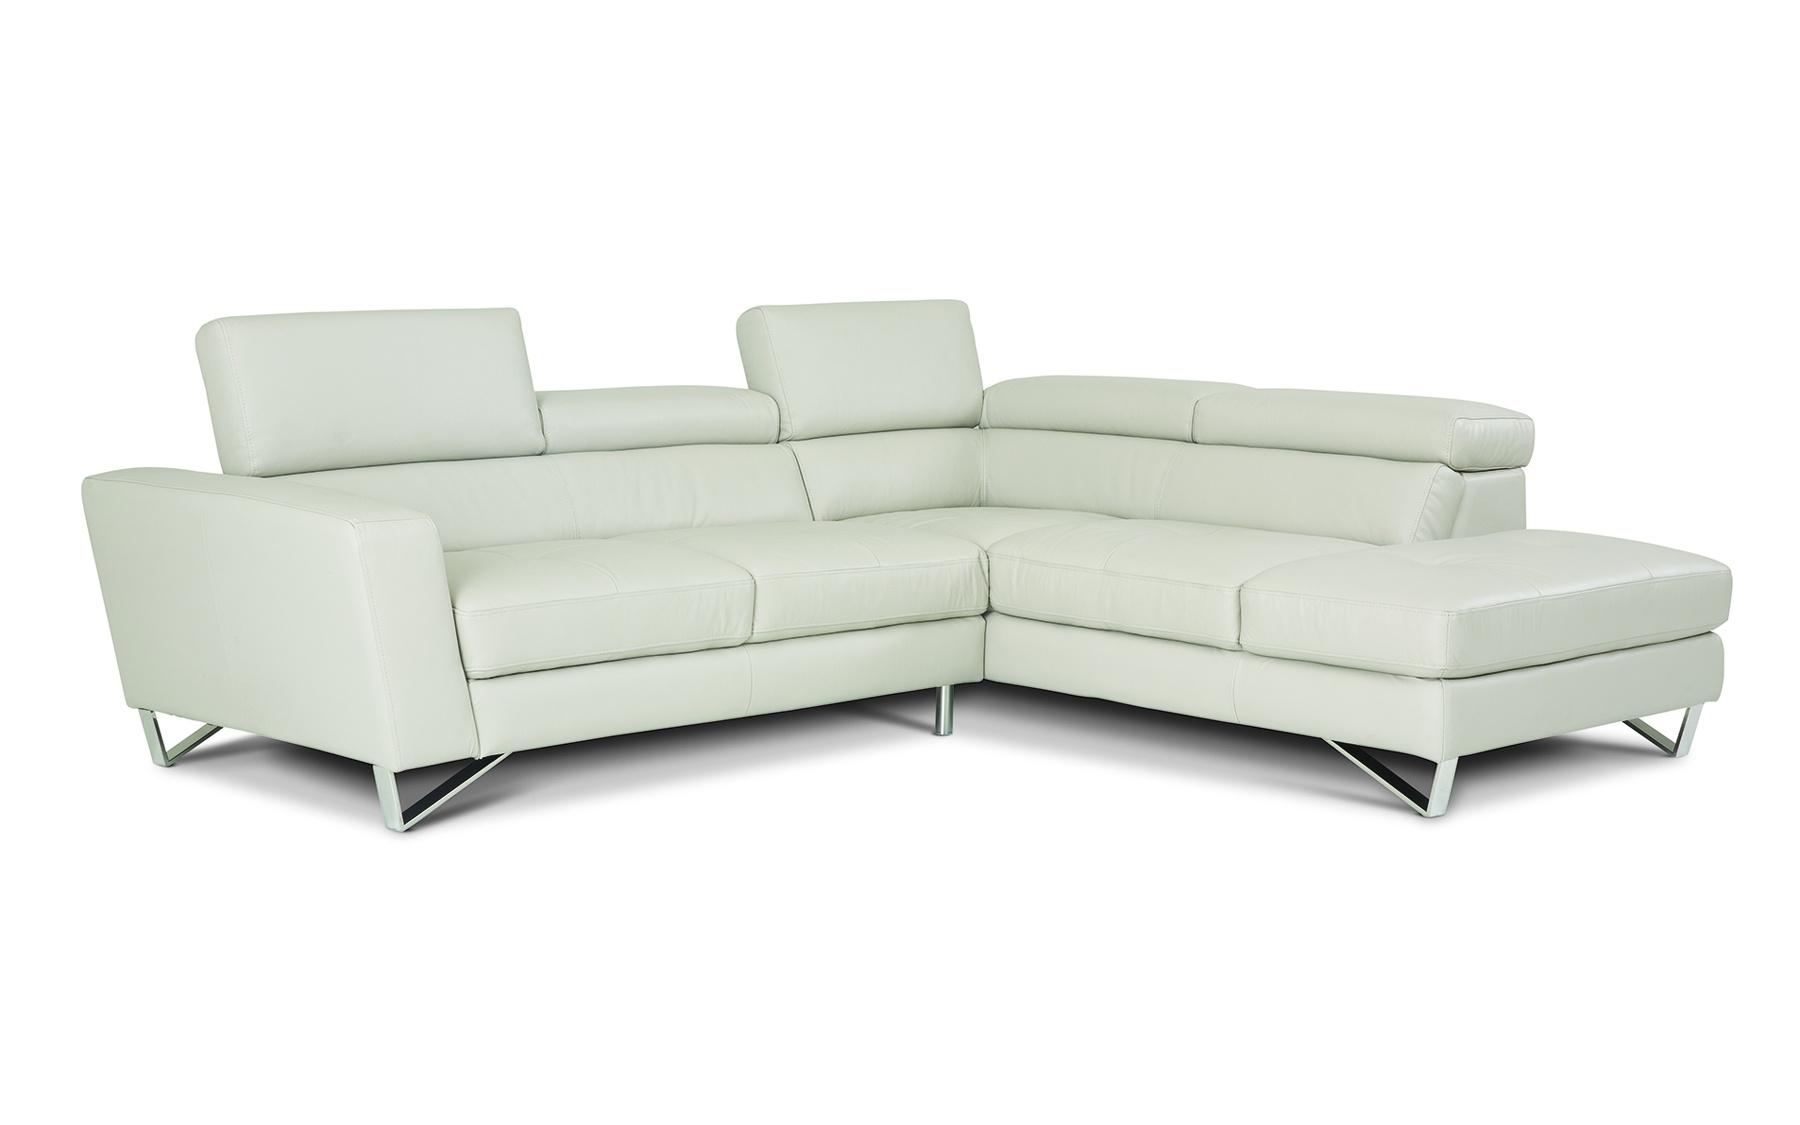 canap composable cuir c767 composables salons la. Black Bedroom Furniture Sets. Home Design Ideas